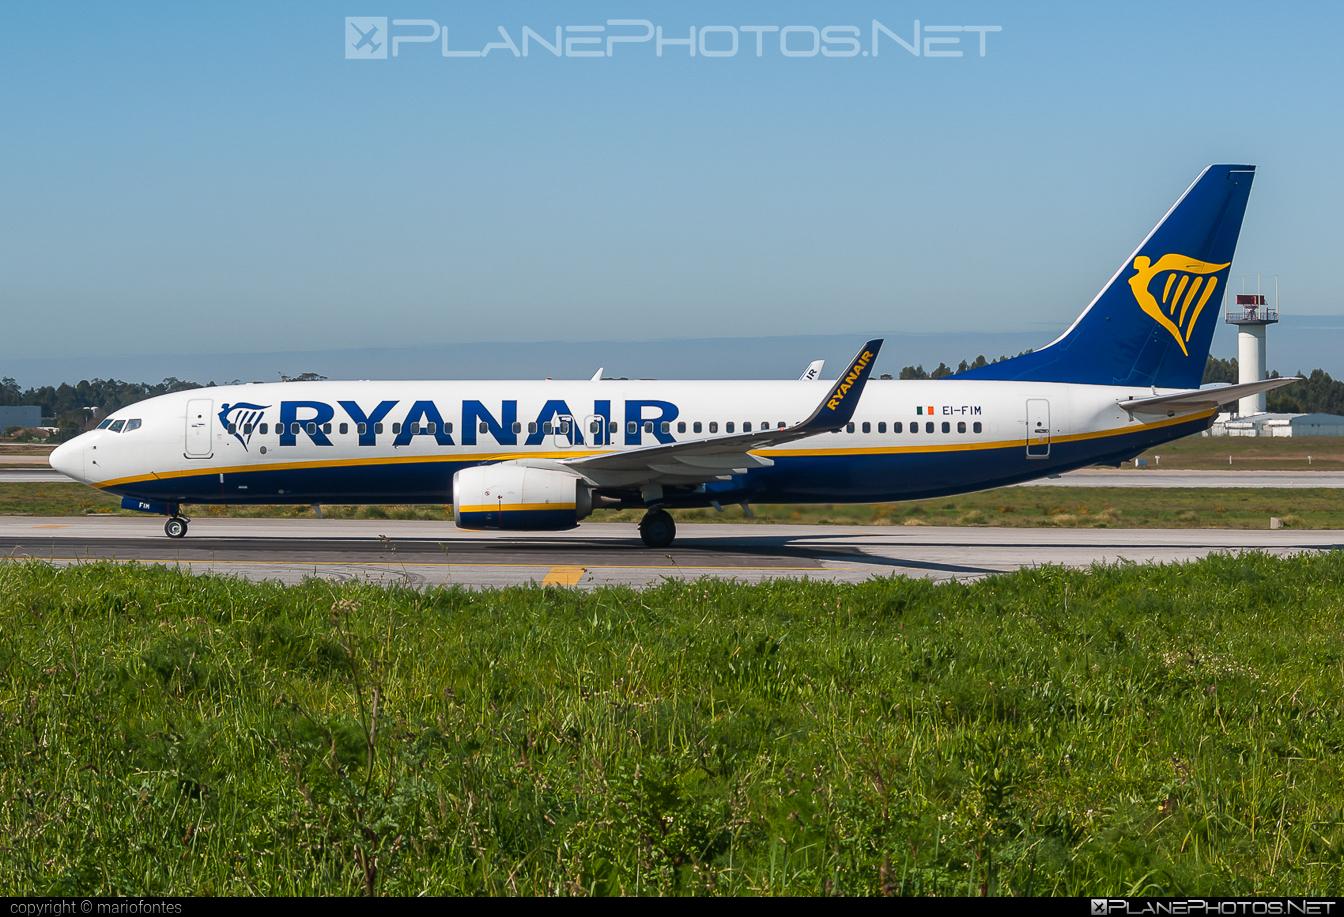 Boeing 737-800 - EI-FIM operated by Ryanair #b737 #b737nextgen #b737ng #boeing #boeing737 #ryanair